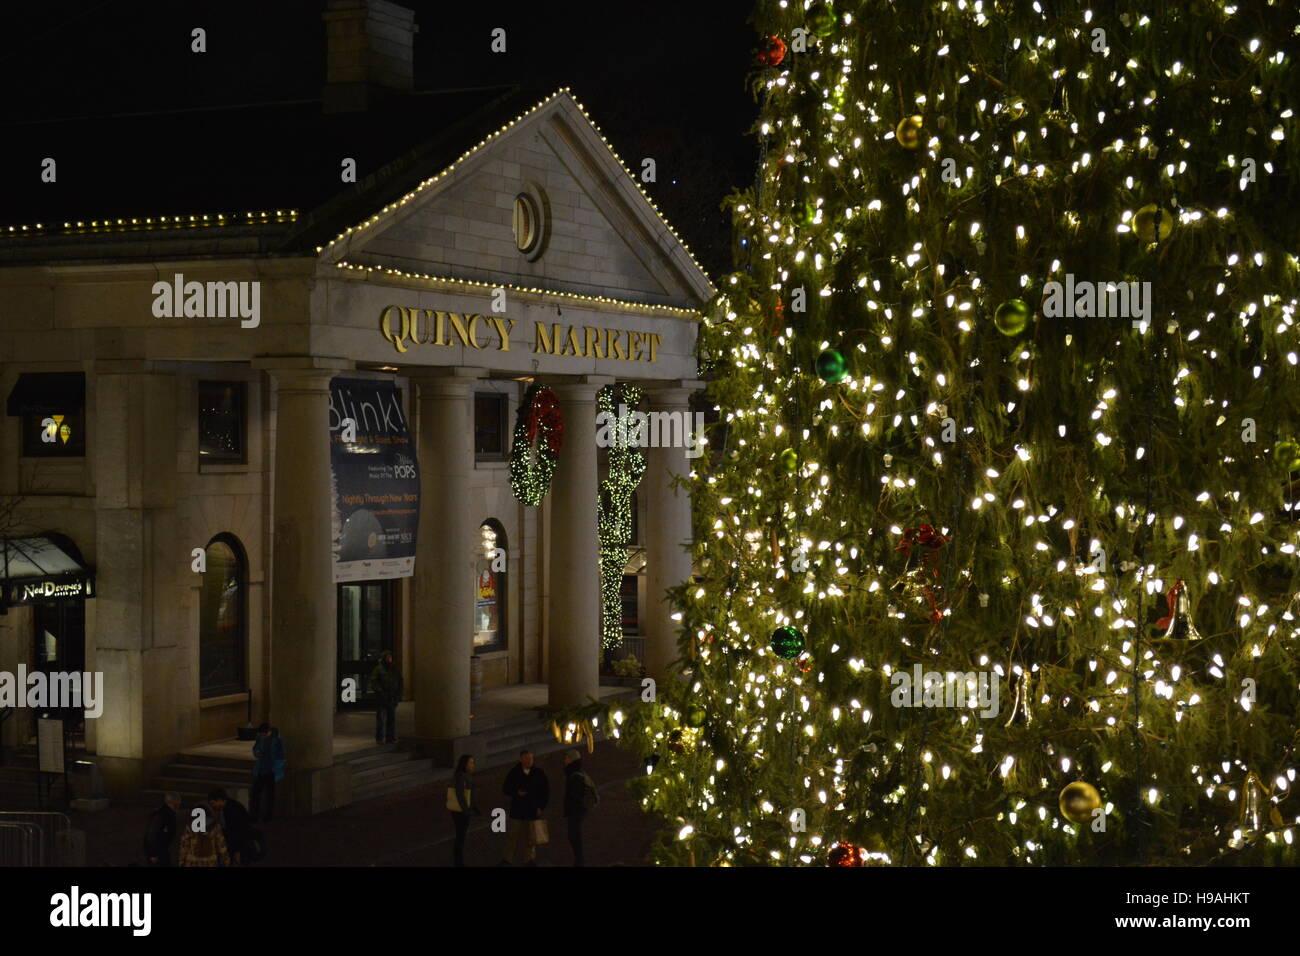 faneuil hall christmas tree lighting. Quincy Market In Faneuil Hall Decorated For Christmas And The Holiday Season. - Stock Image Tree Lighting C